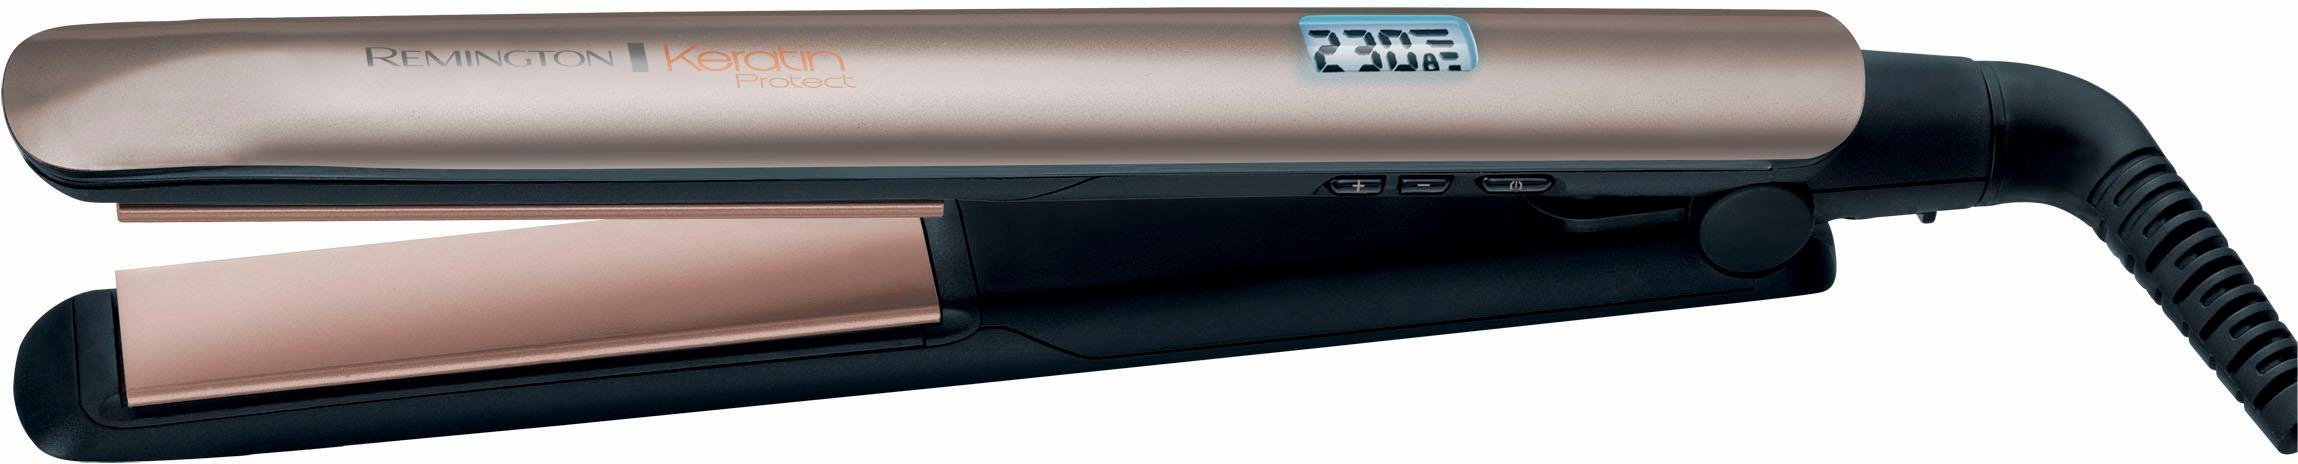 Remington Keratin Protect straightener S8540, opwarmtijd slechts 15 sec. online kopen op otto.nl